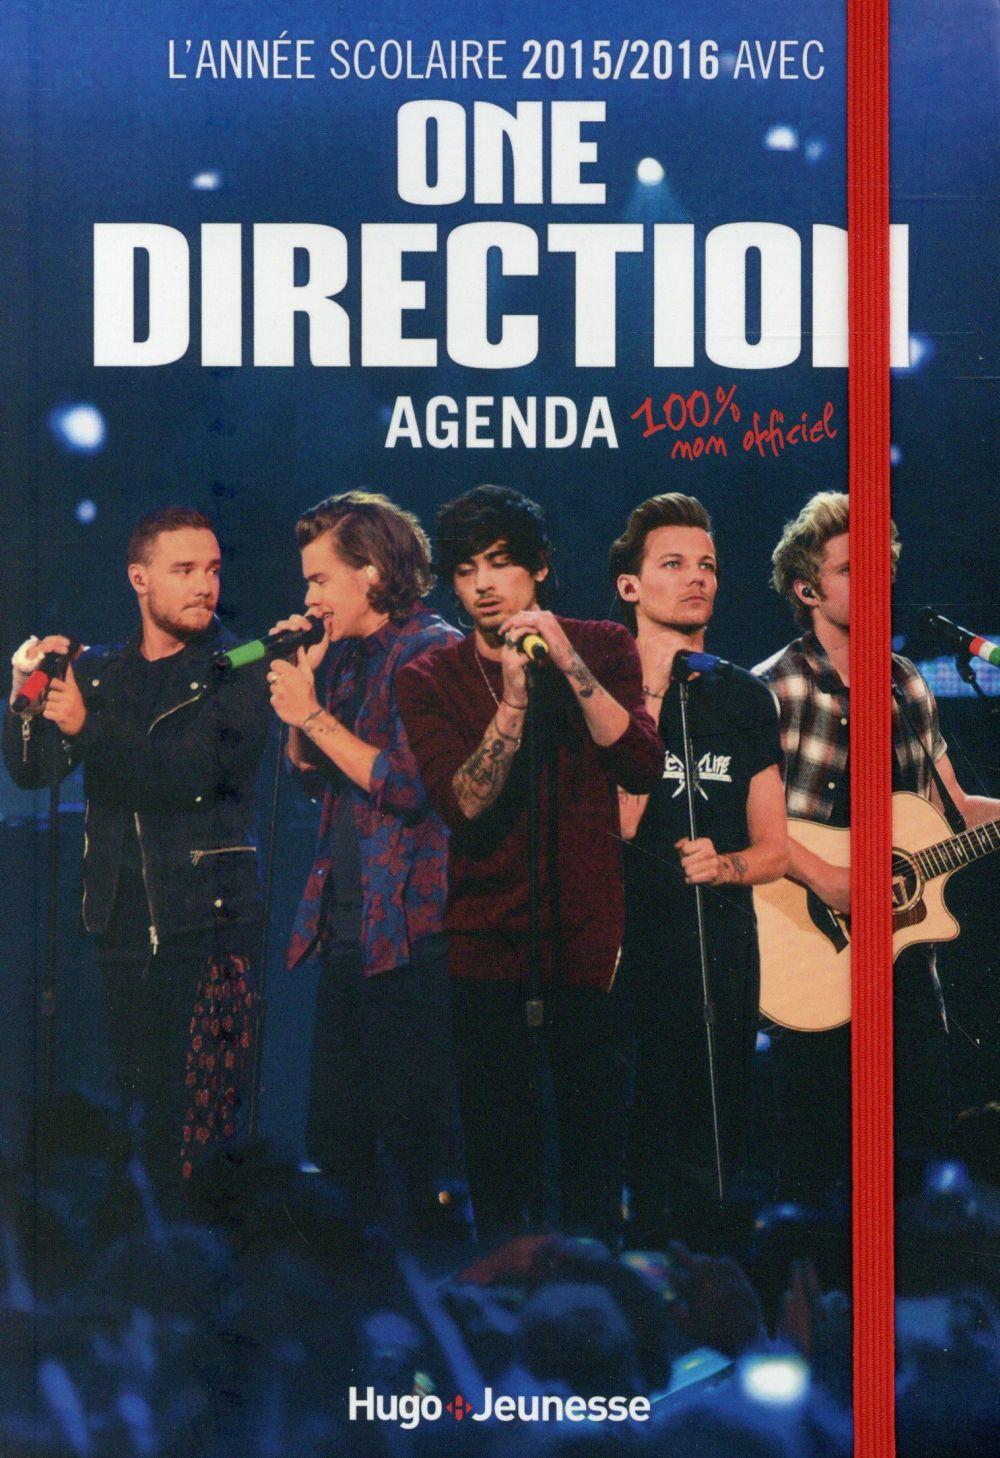 One Direction ; Agenda 100% Non Officiel ; L'Annee Scolaire 2015-2016